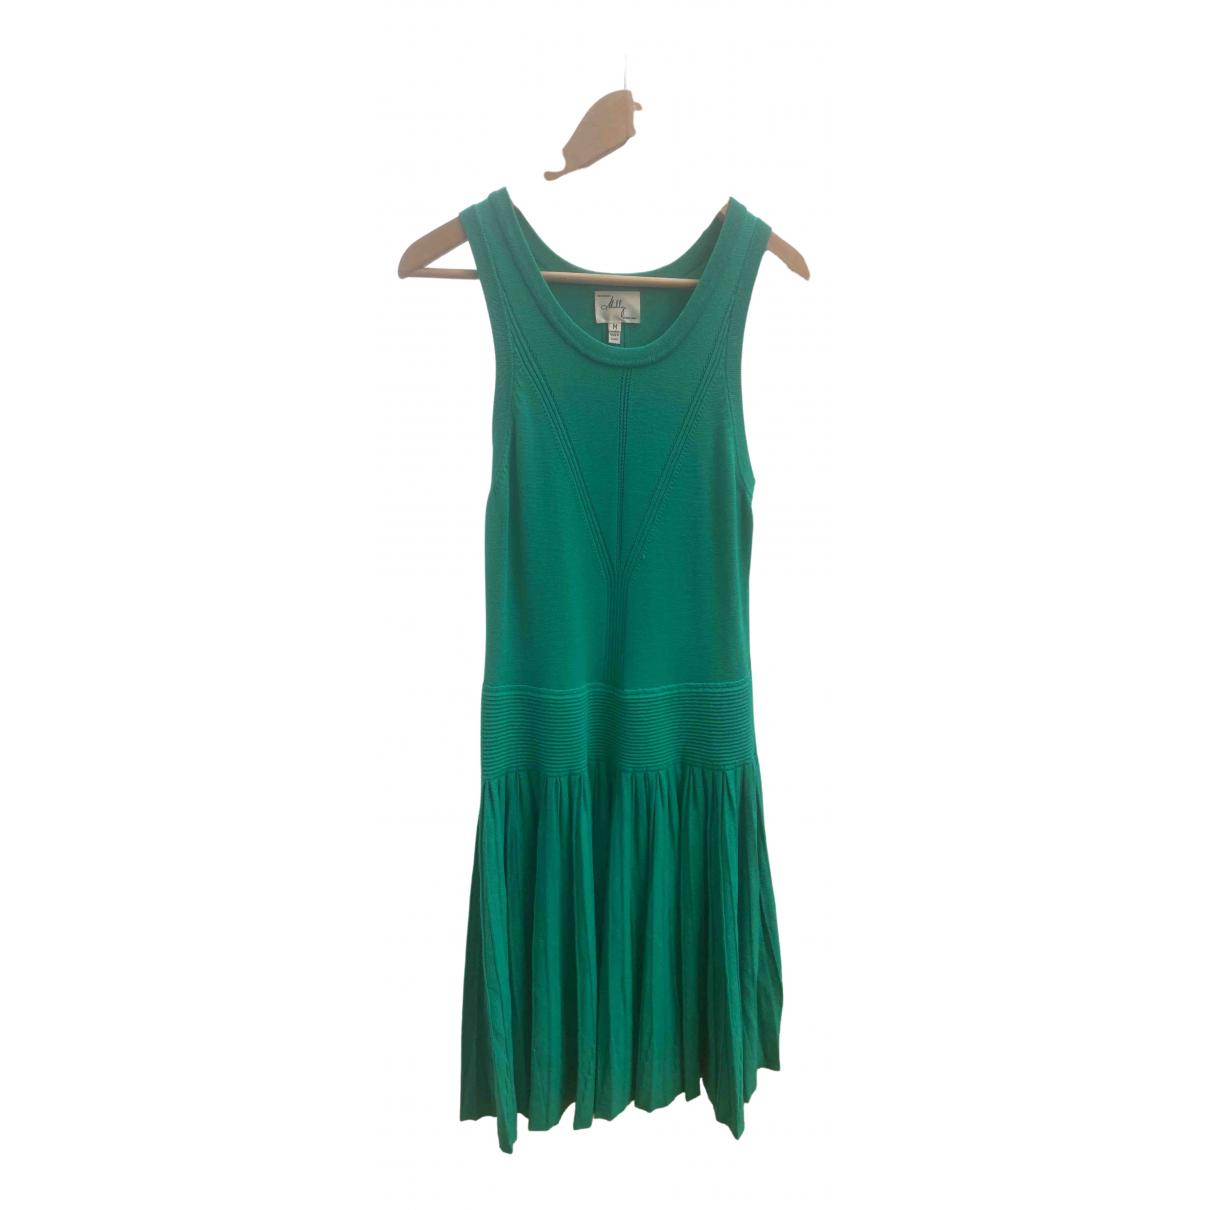 Milly \N Kleid in  Gruen Viskose